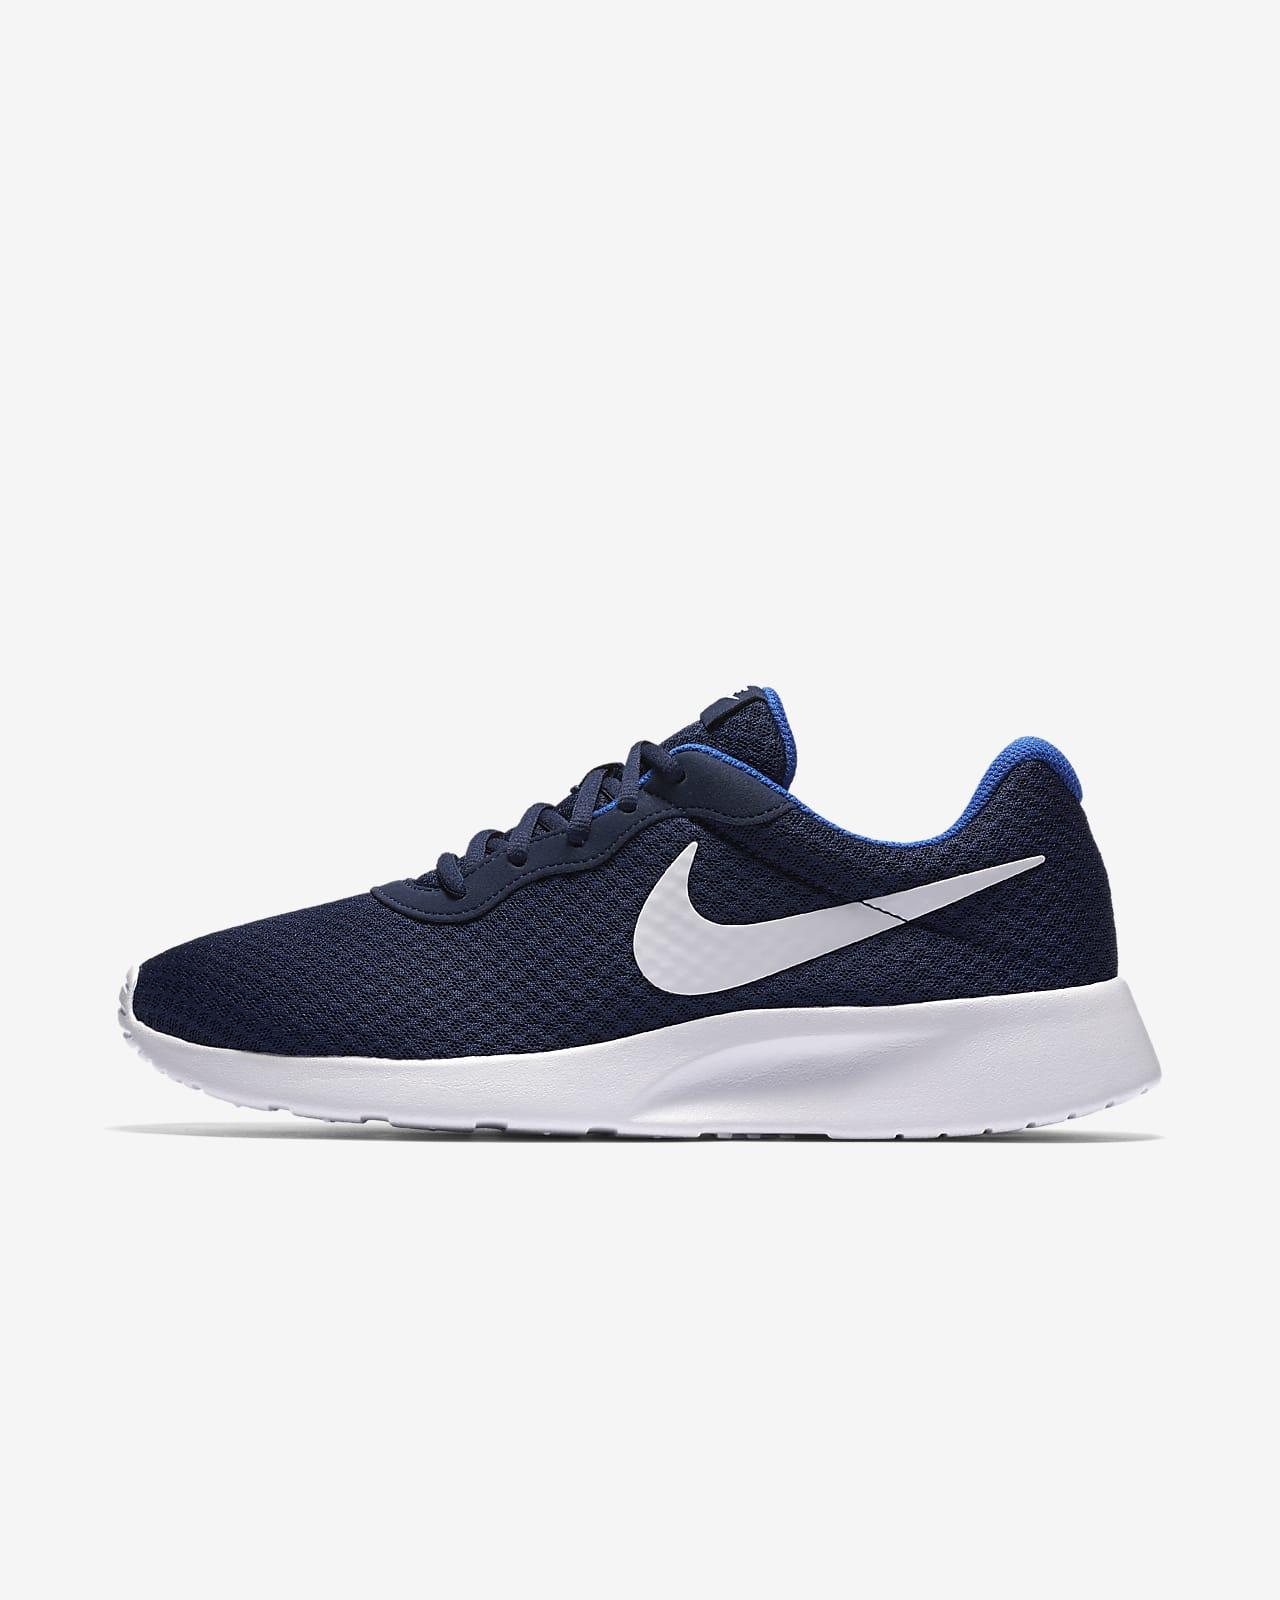 sorpresa Altitud pastel  Nike Tanjun Men's Shoe. Nike LU